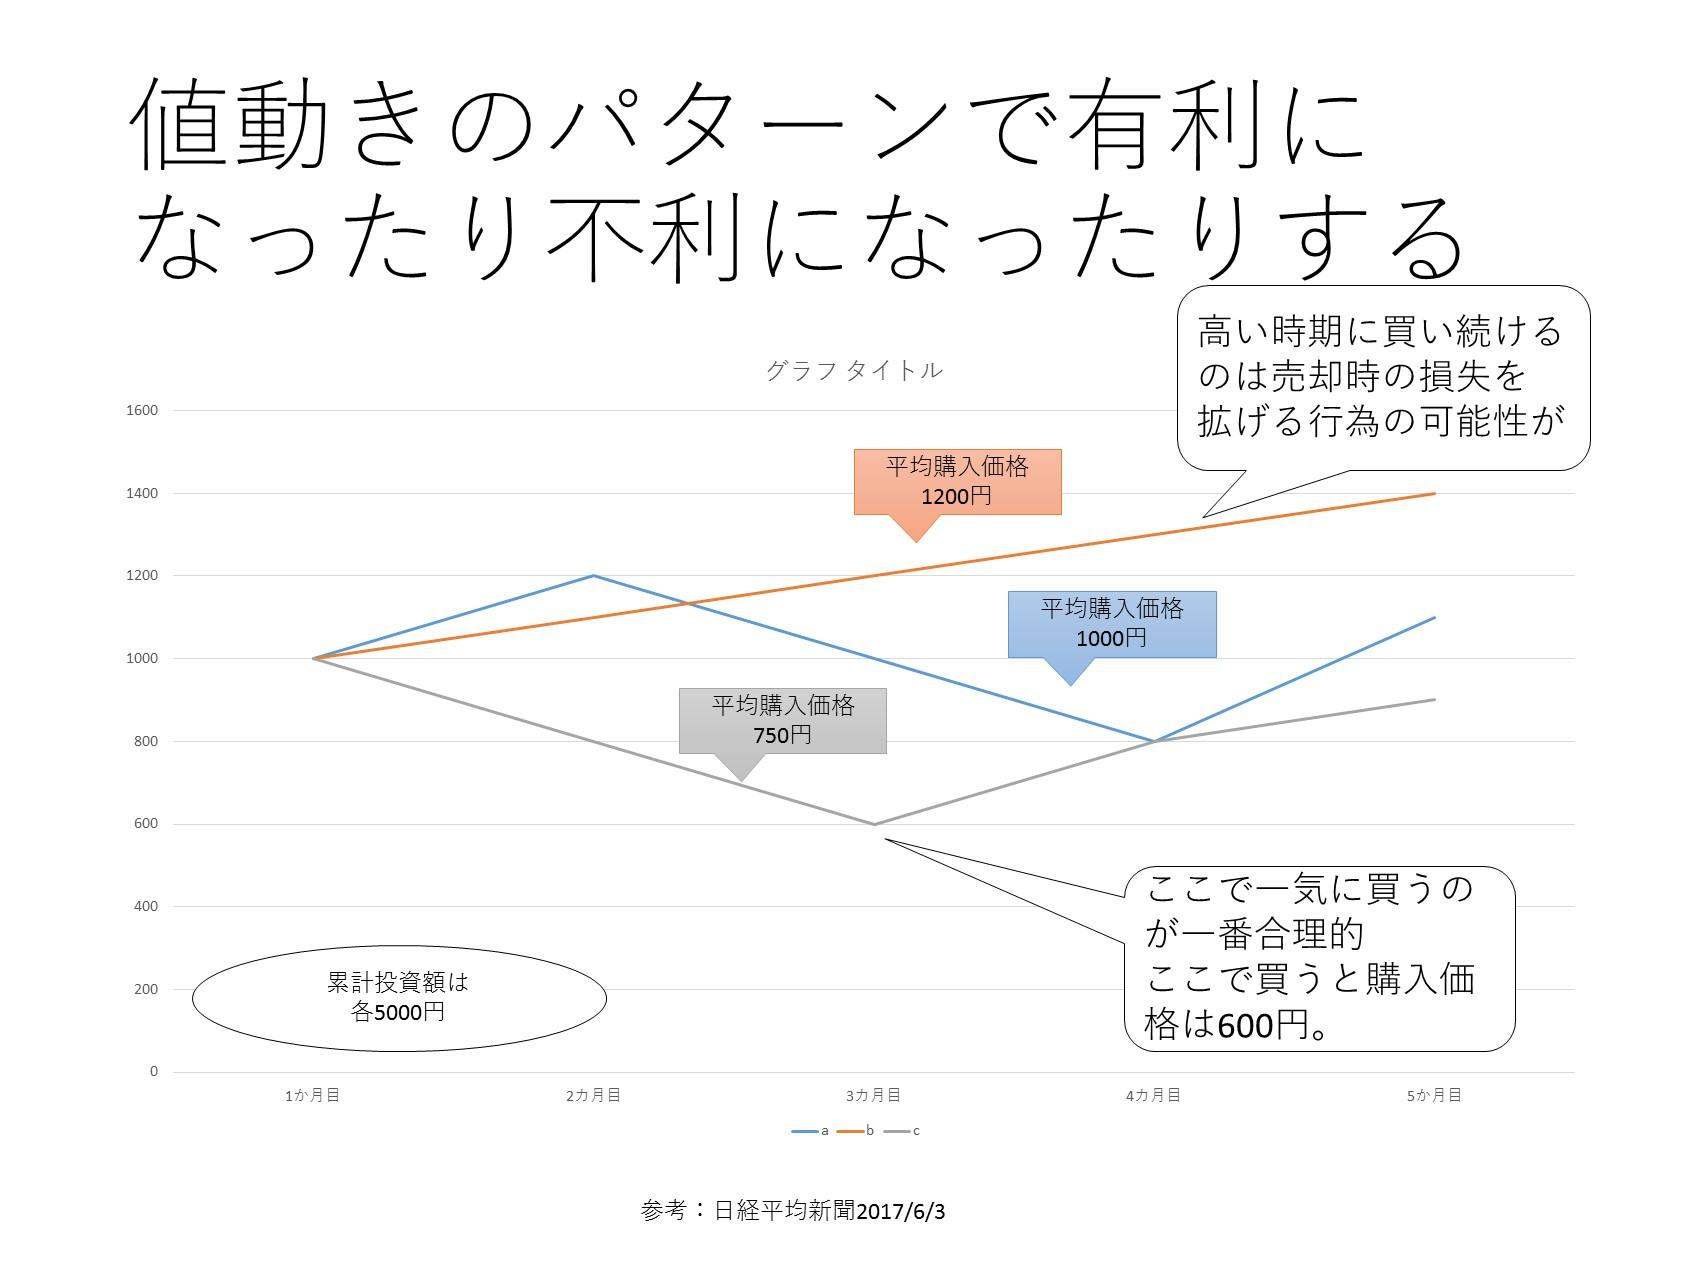 資産運用の相談、ドルコスト平均法の図